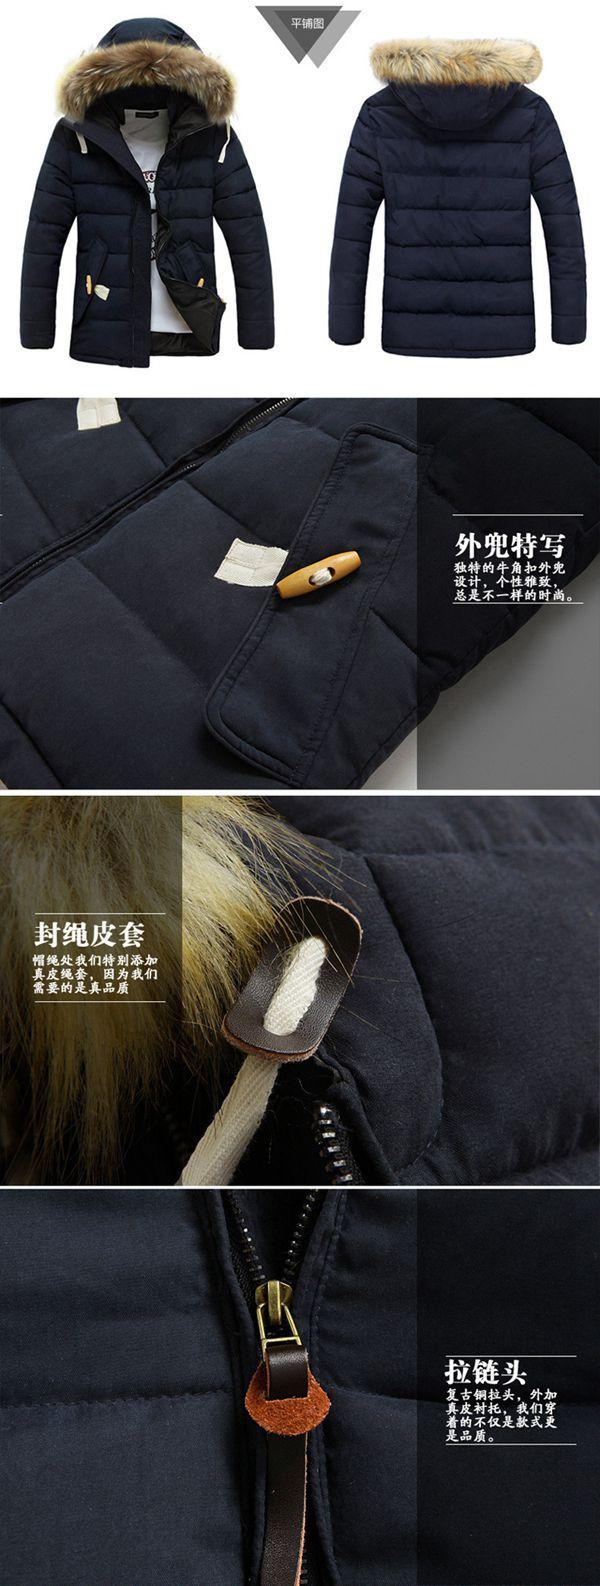 Men Big Fur Trimmed Hooded Cotton Padded Winter Jacket